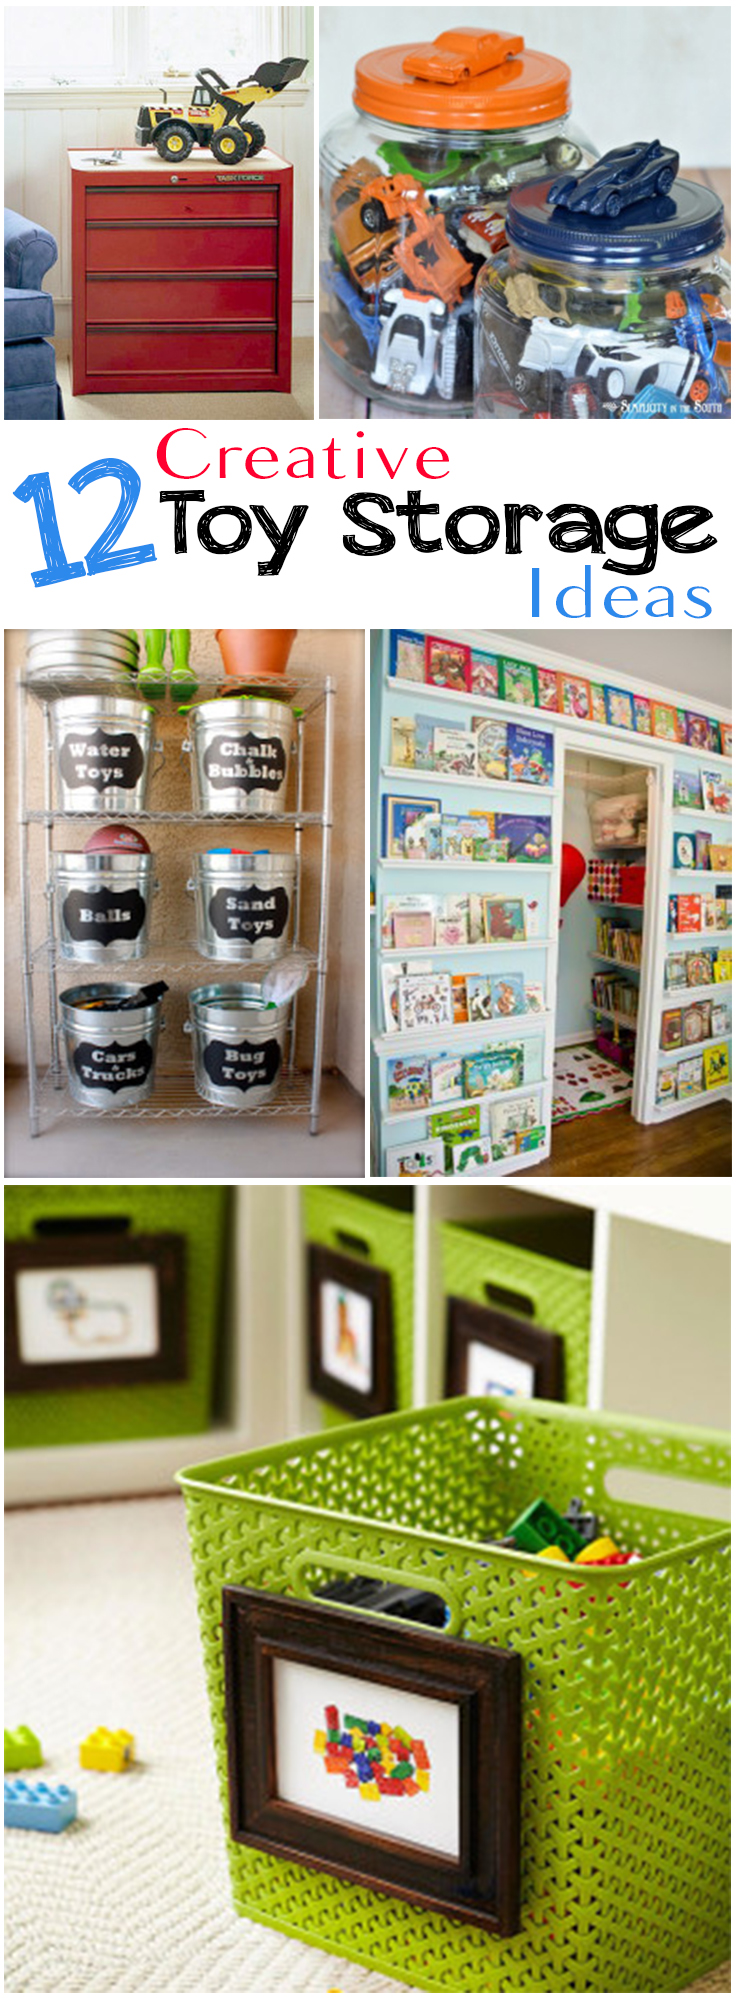 Storage Ideas, Toy Storage, DIY Organization, DIY Playroom Storage, Popular  Pin,